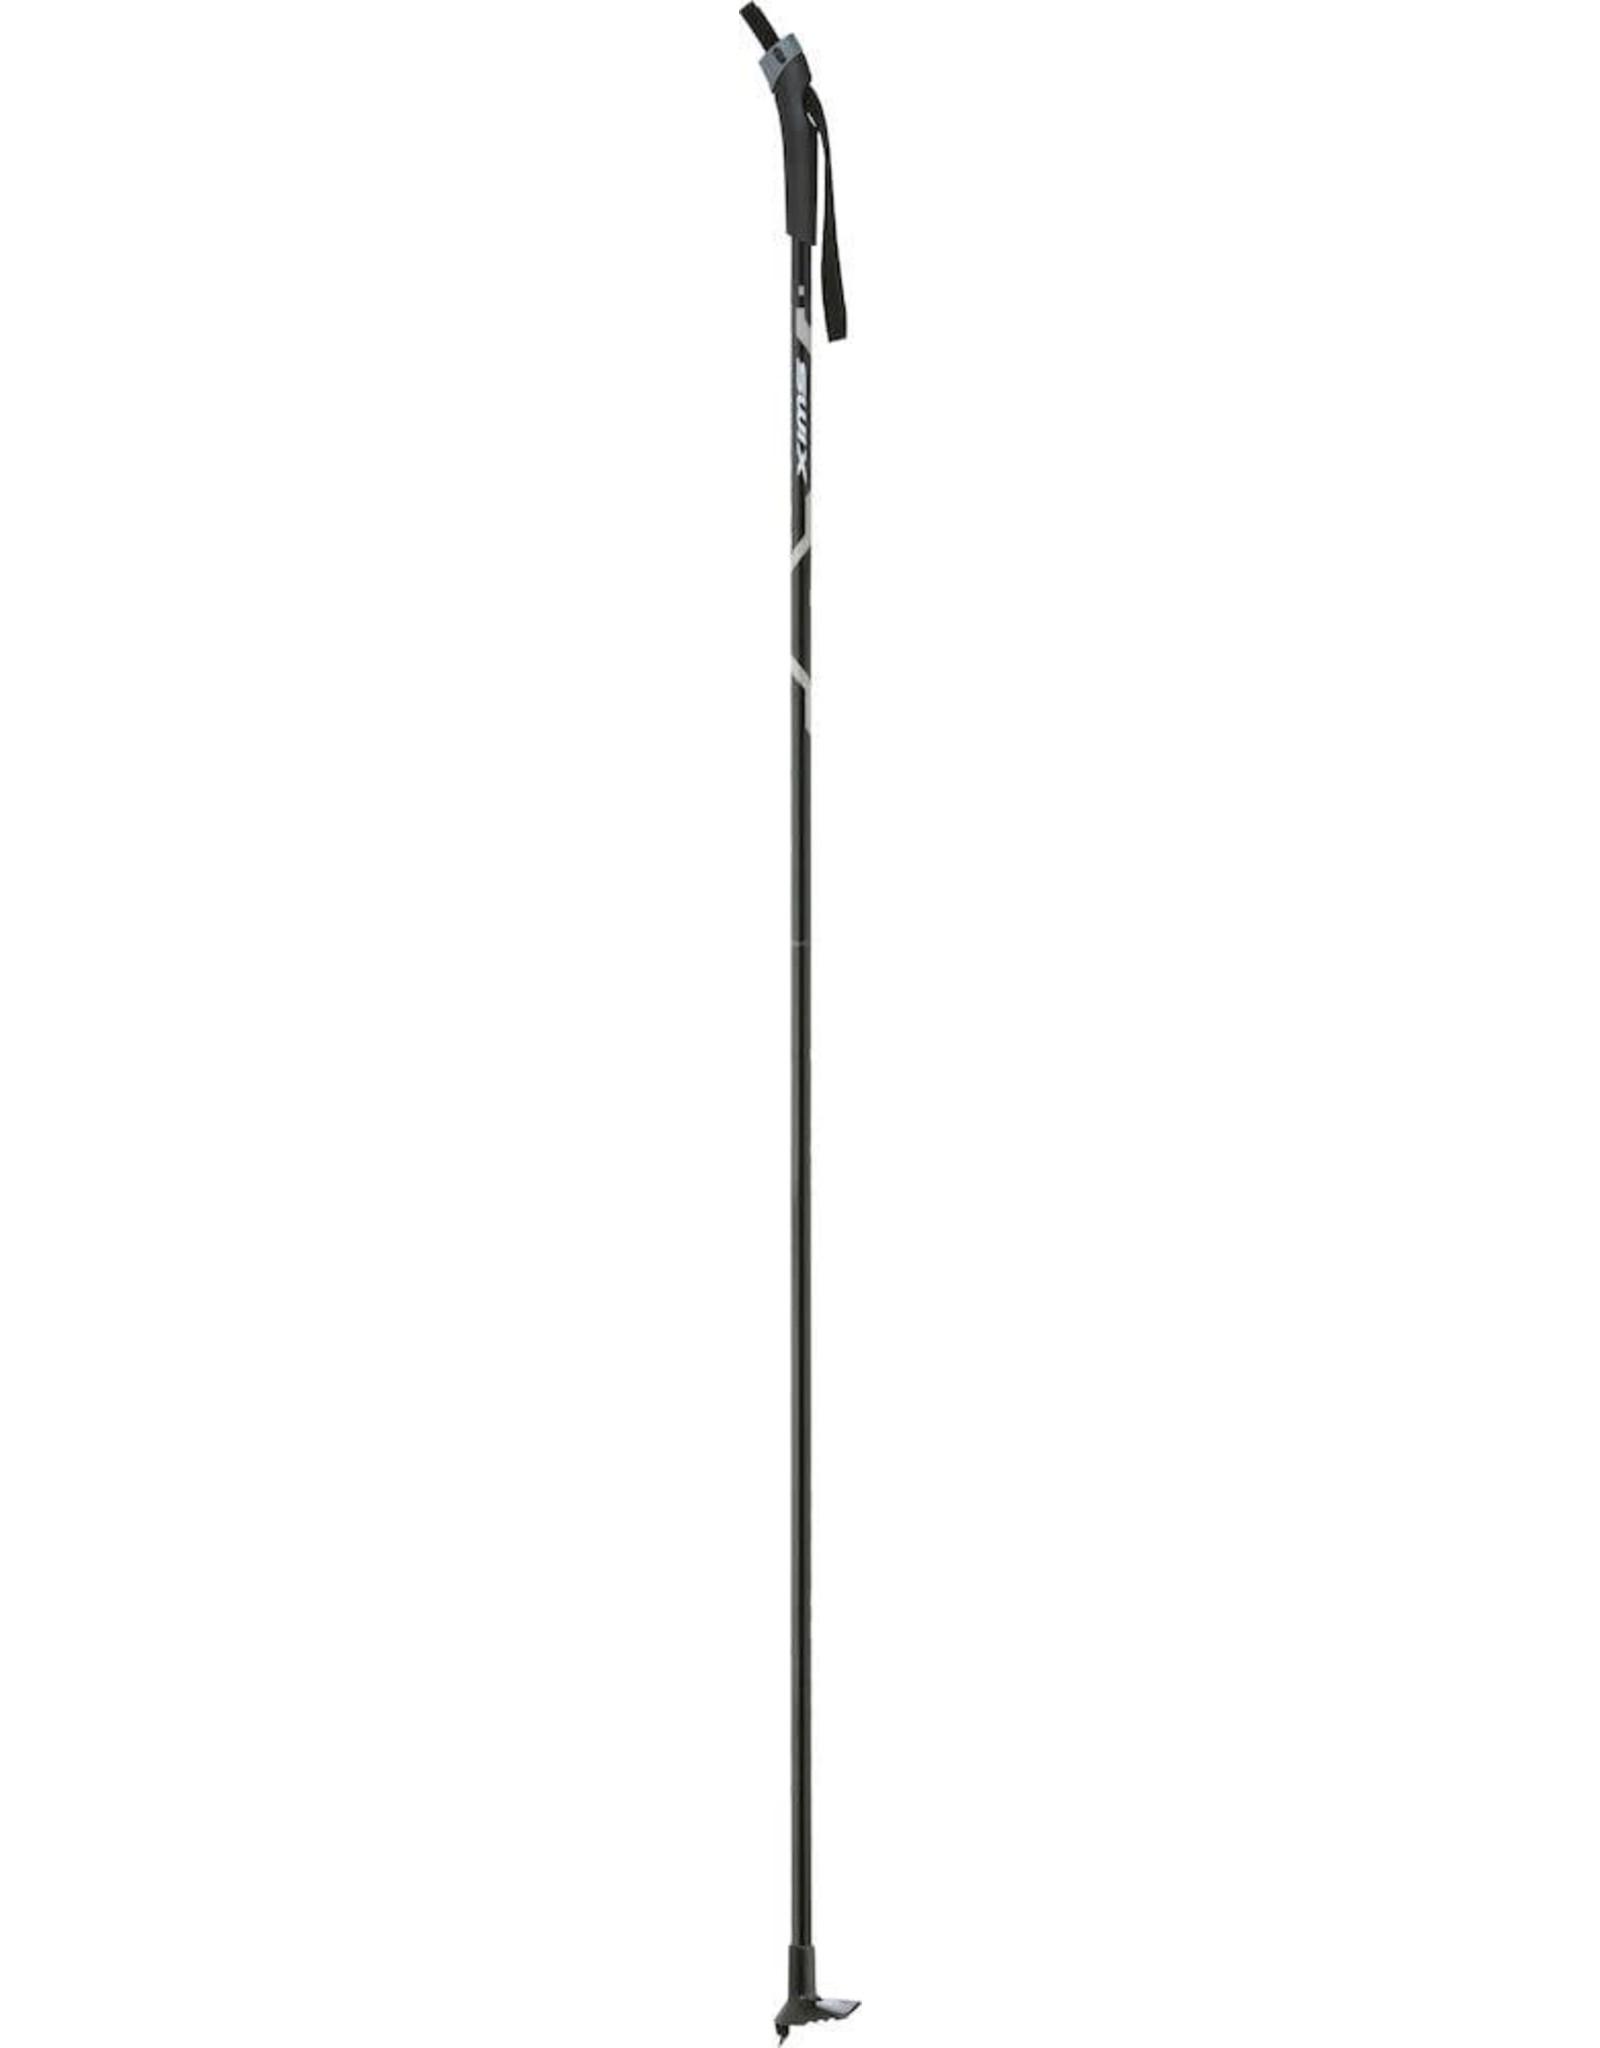 Swix Swix - Nordic 150 Ski Pole